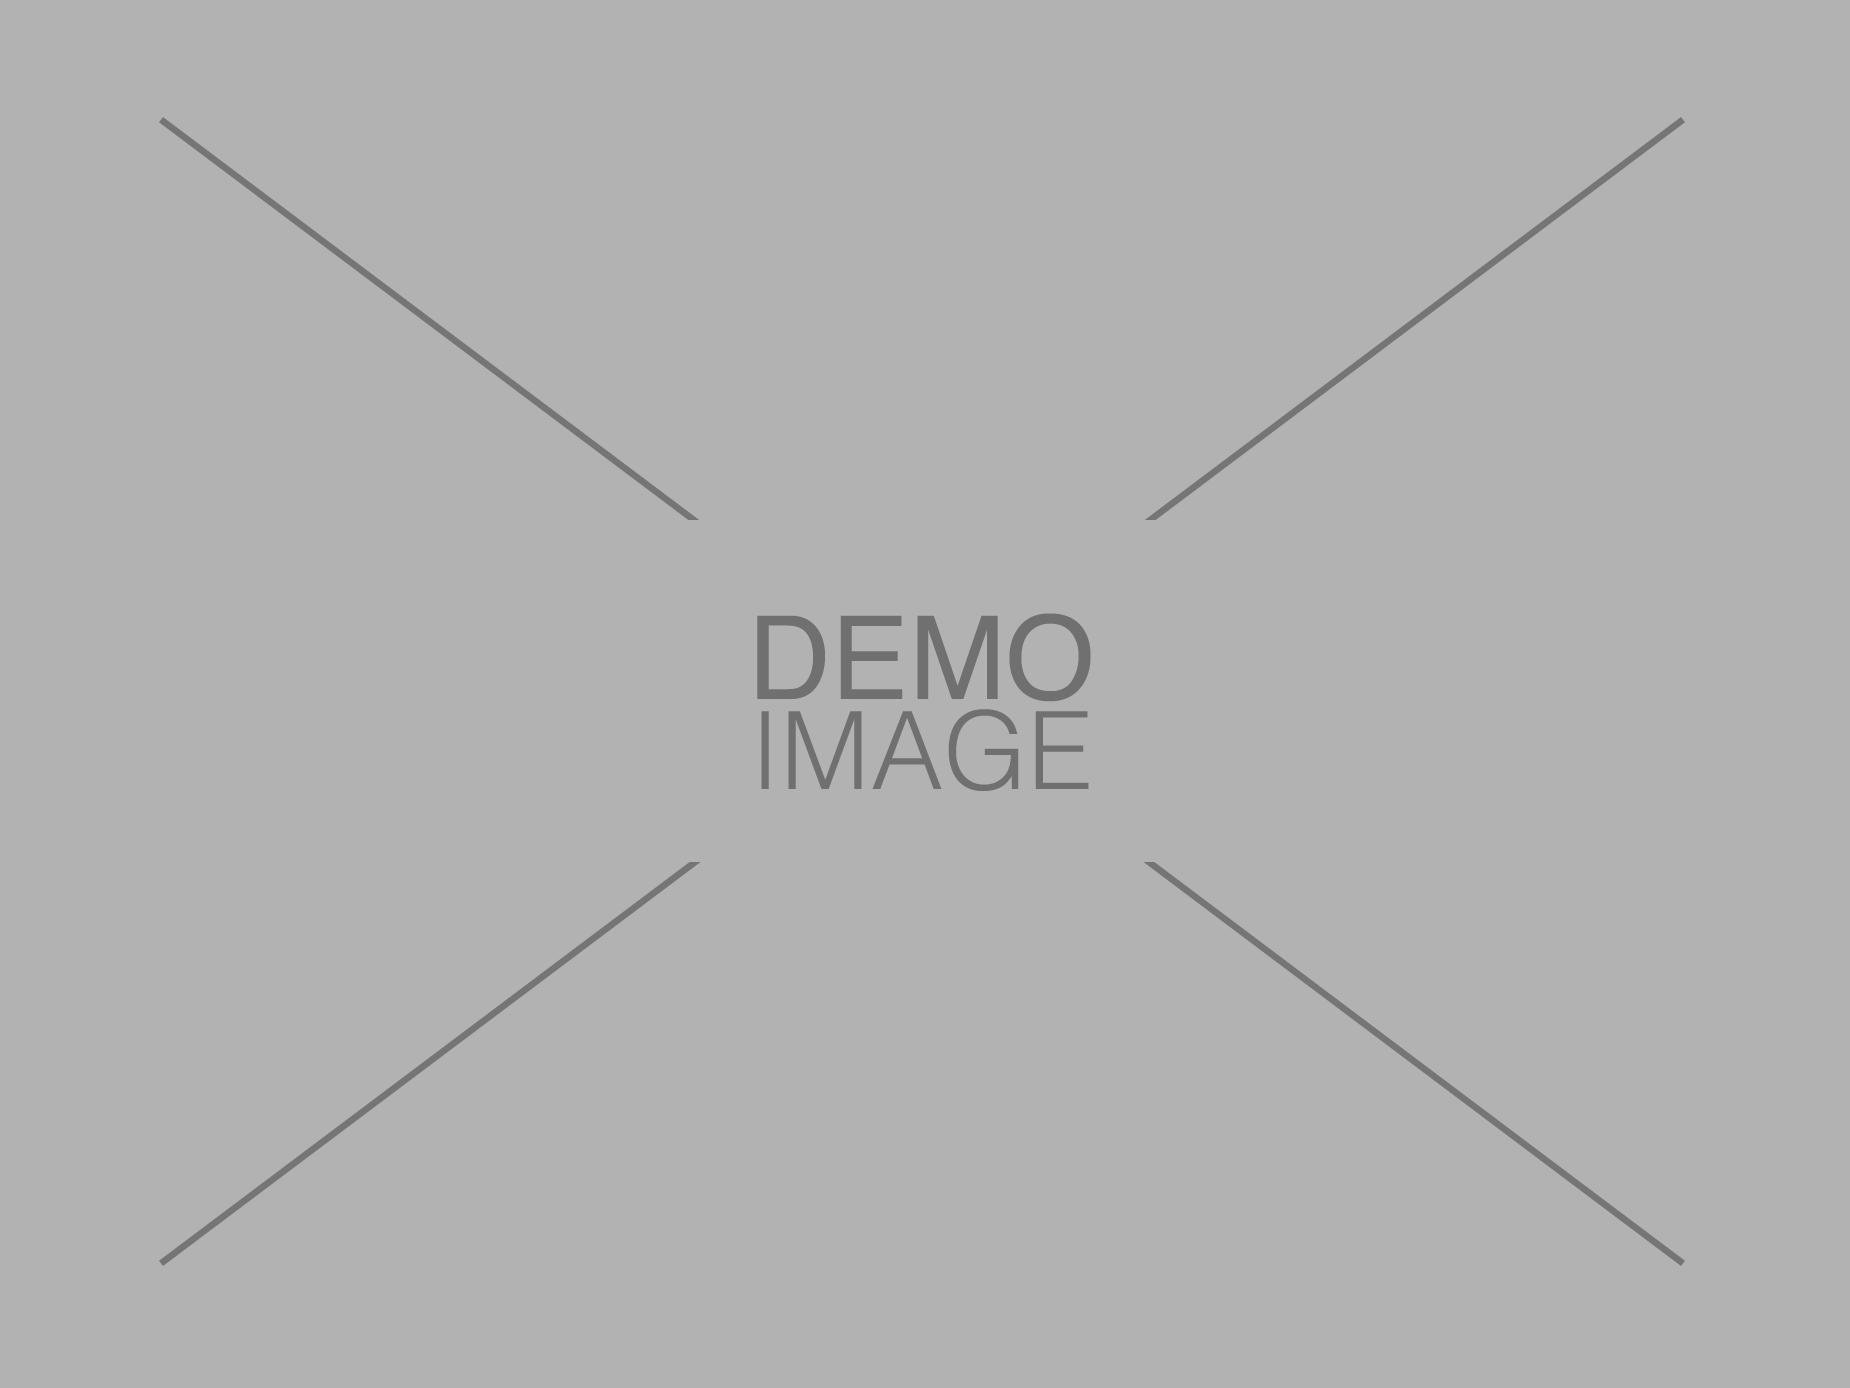 Demo Image 2